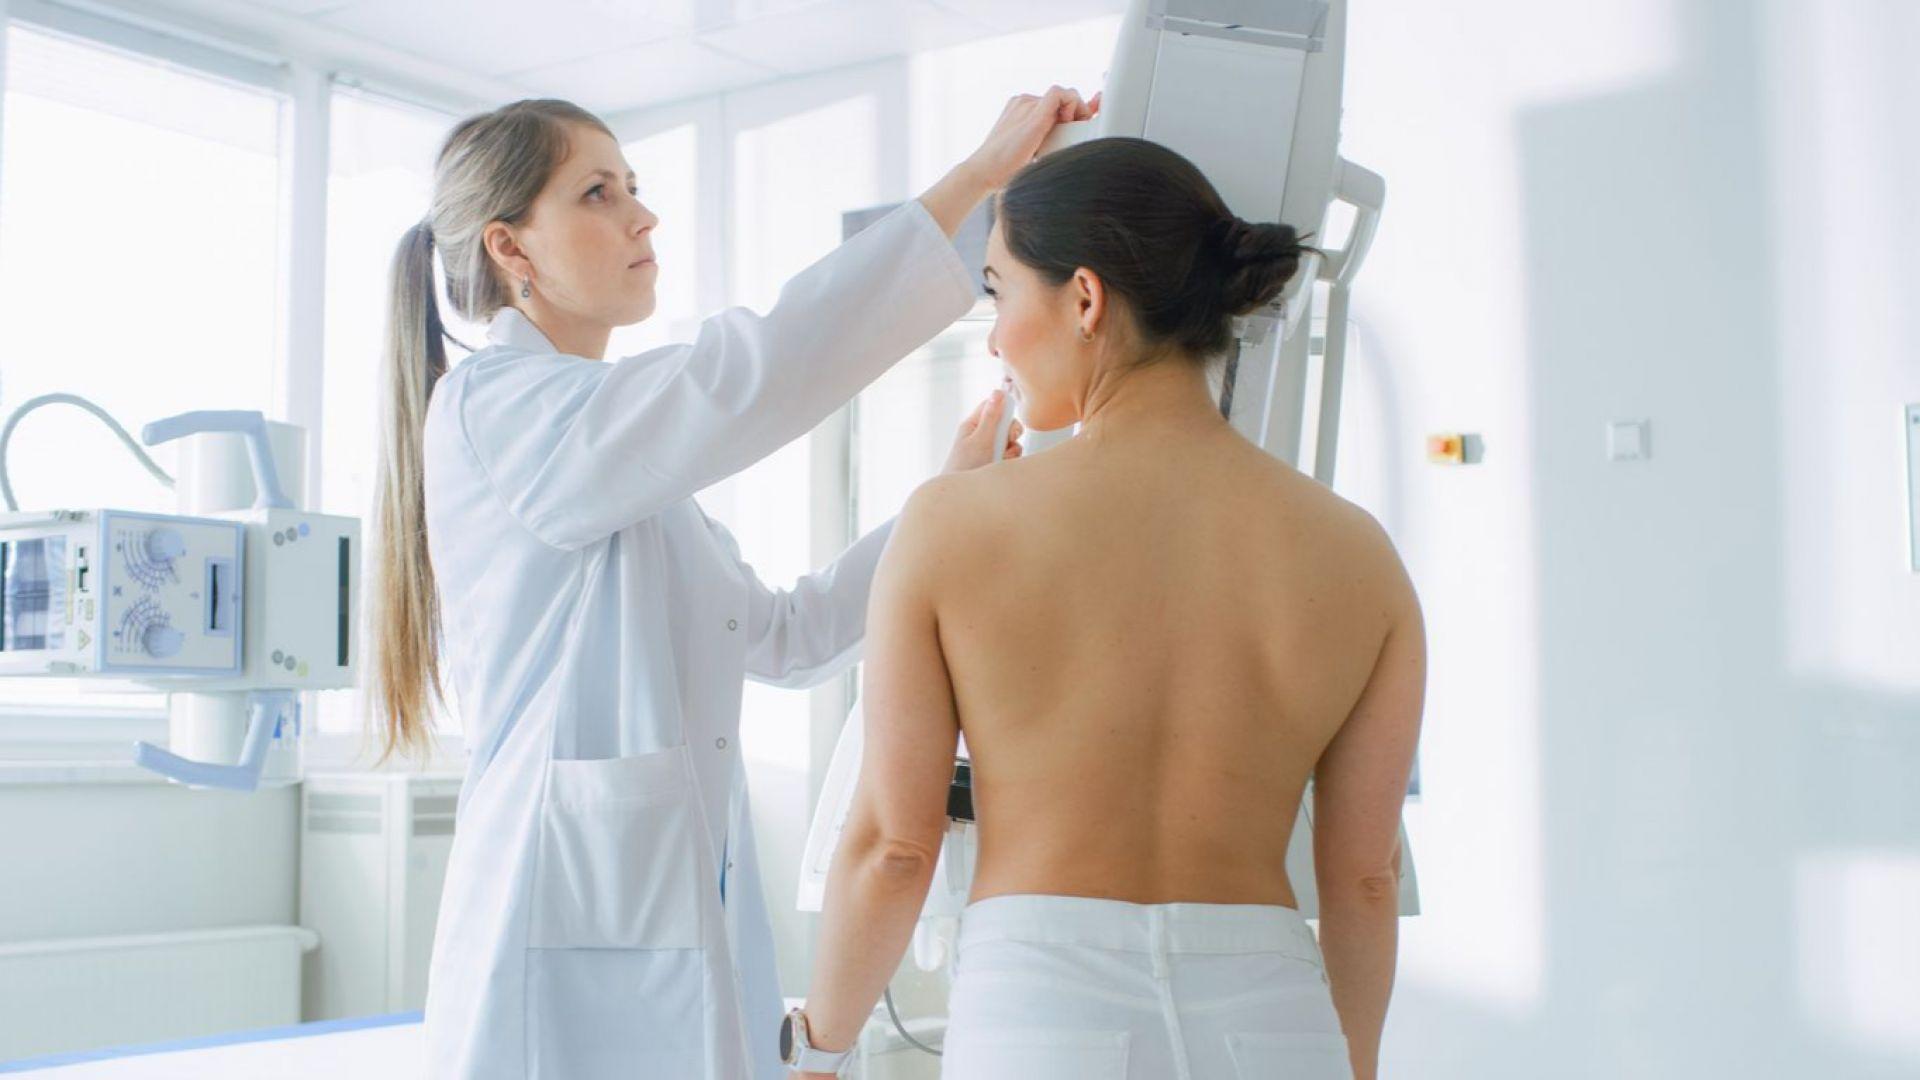 Свалянето на килограми и спирането на алкохола могат да ни предпазят от рак на гърдата